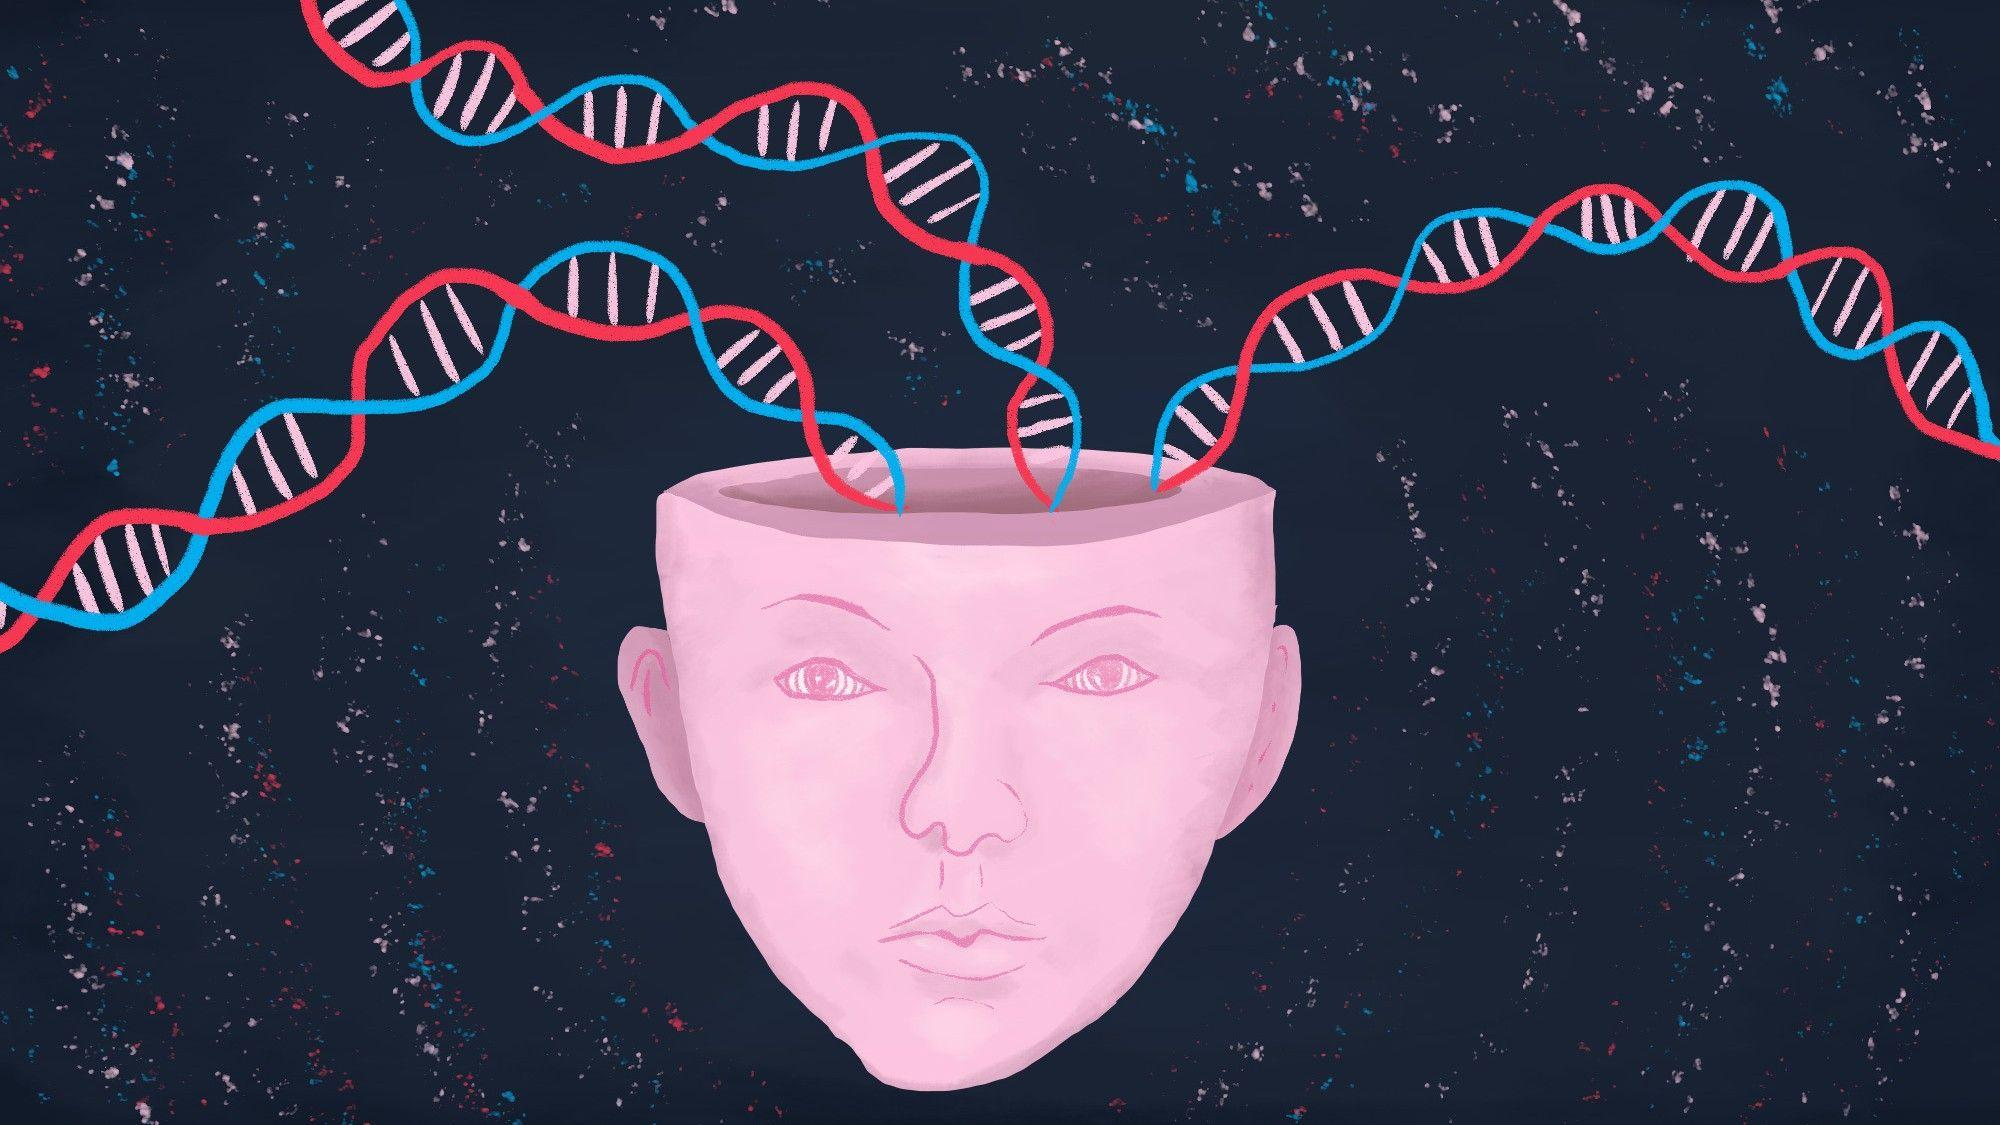 Хотя гены влияют на интеллект, мы не можем усовершенствовать ум